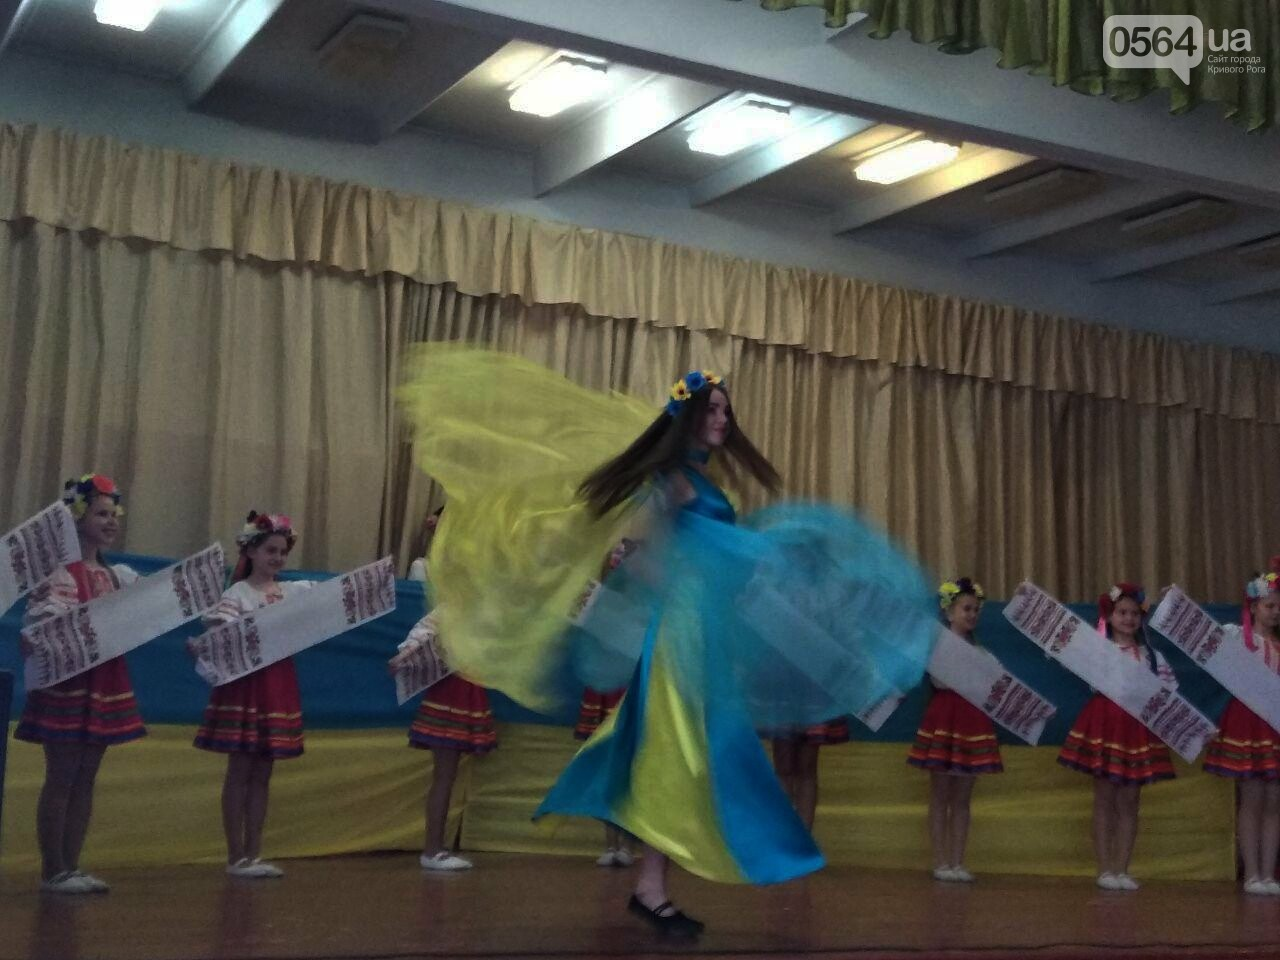 Криворожские школьники провели благотворительный концерт в поддержку бойцов АТО (ФОТО), фото-13